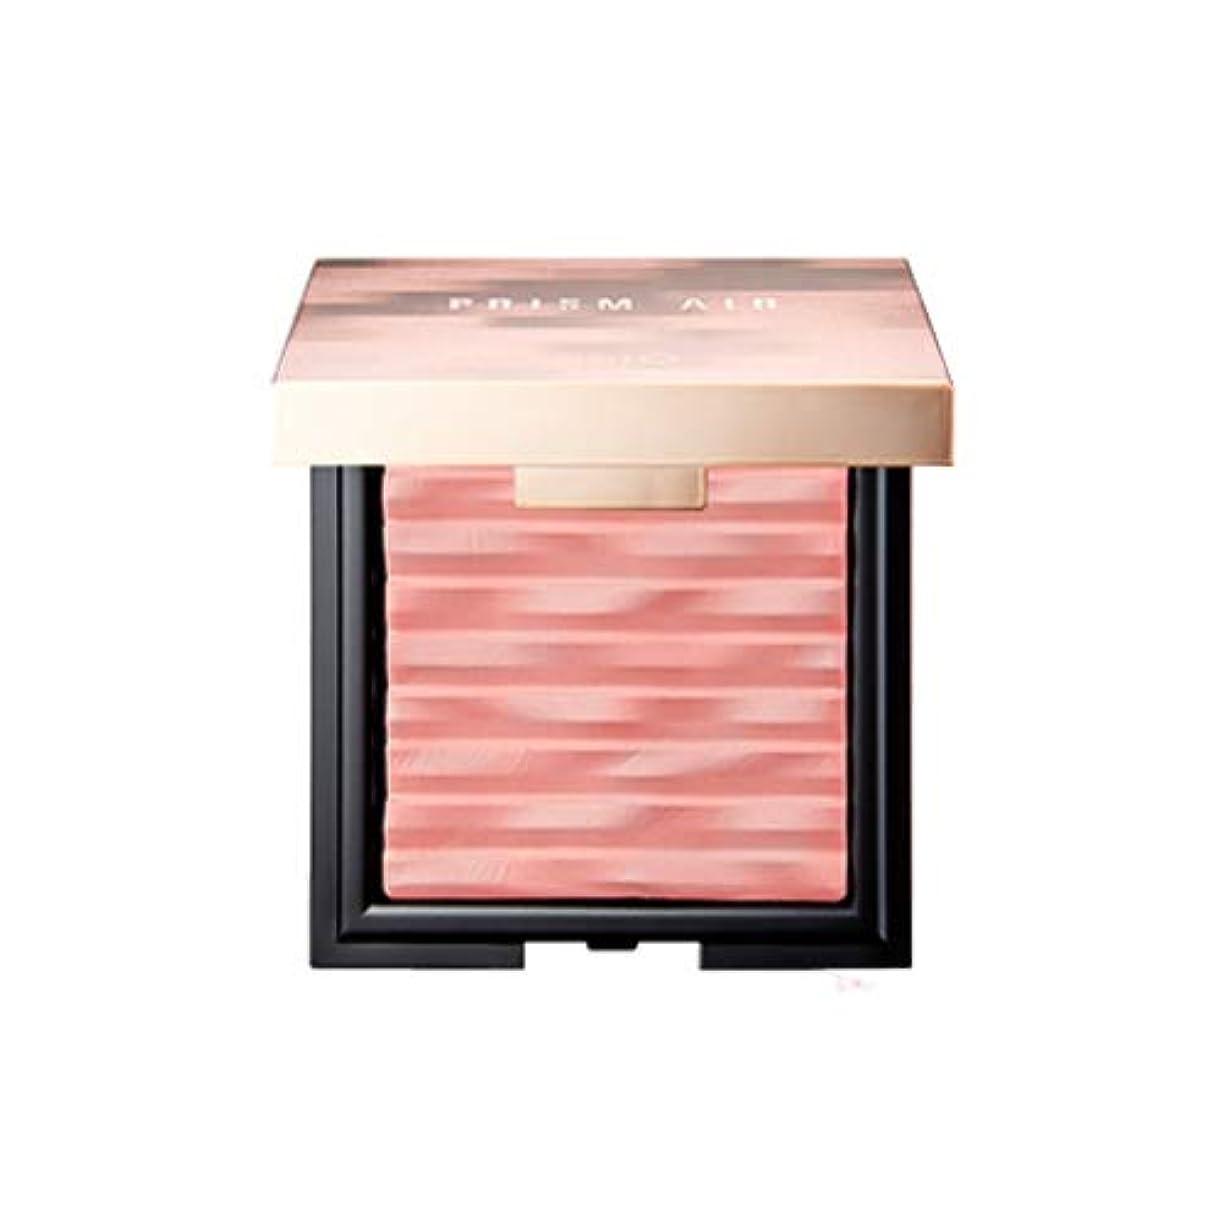 カセット貸すピンポイントClio Prism Air Blusher クリオプリズムエアブラッシャー (#01 Muted Pink) 並行輸入品 [並行輸入品]